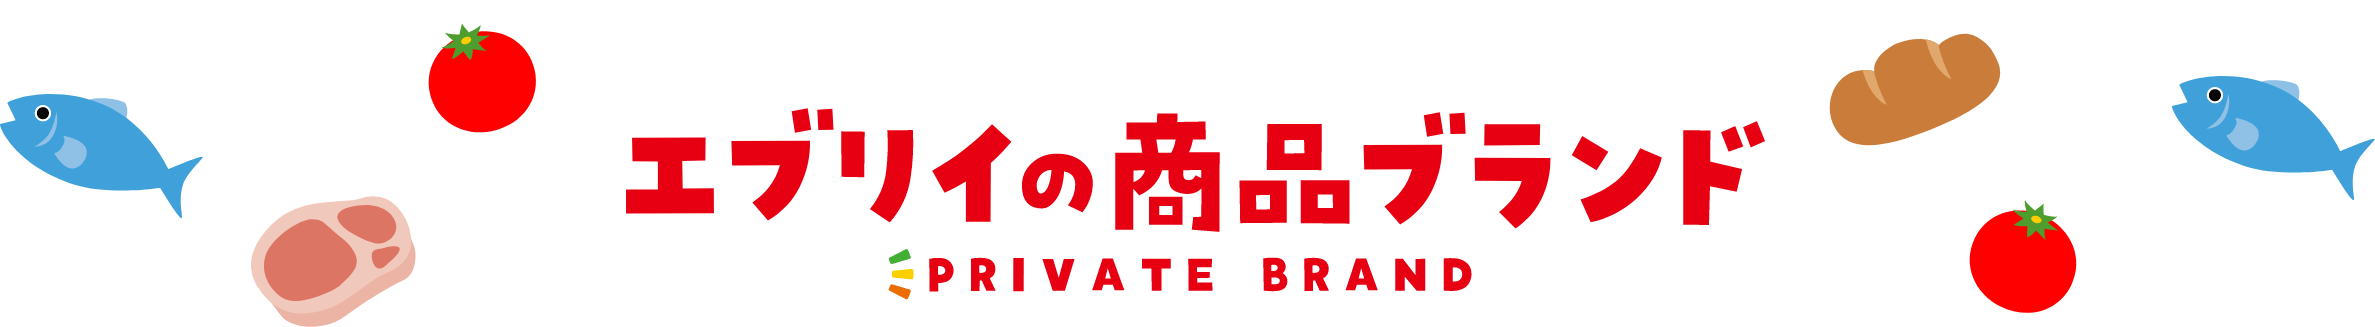 エブリイの商品ブランド